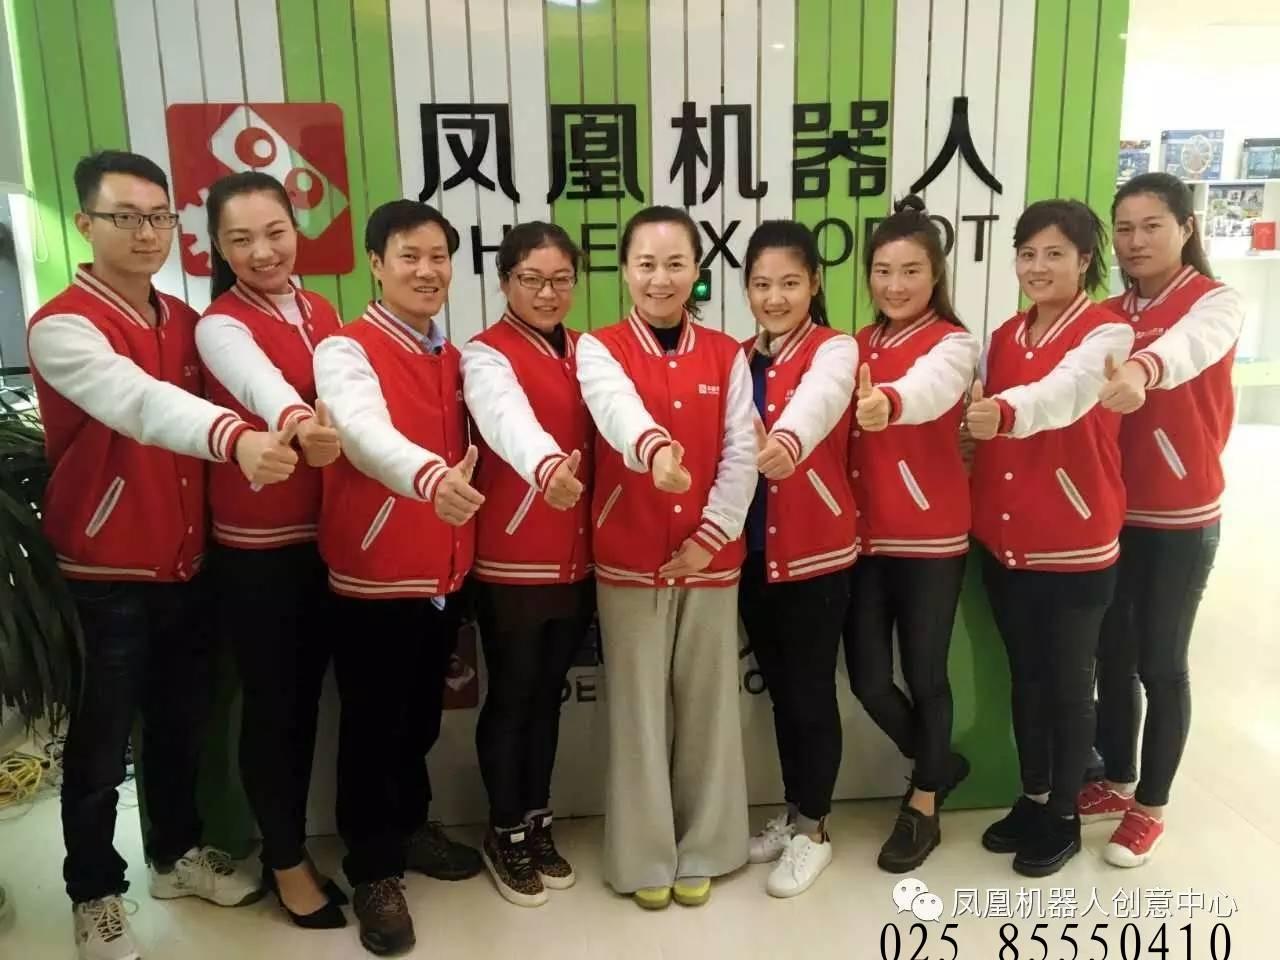 河西南京有乐高机器人机构|仙林乐高高中读差点儿机器图片